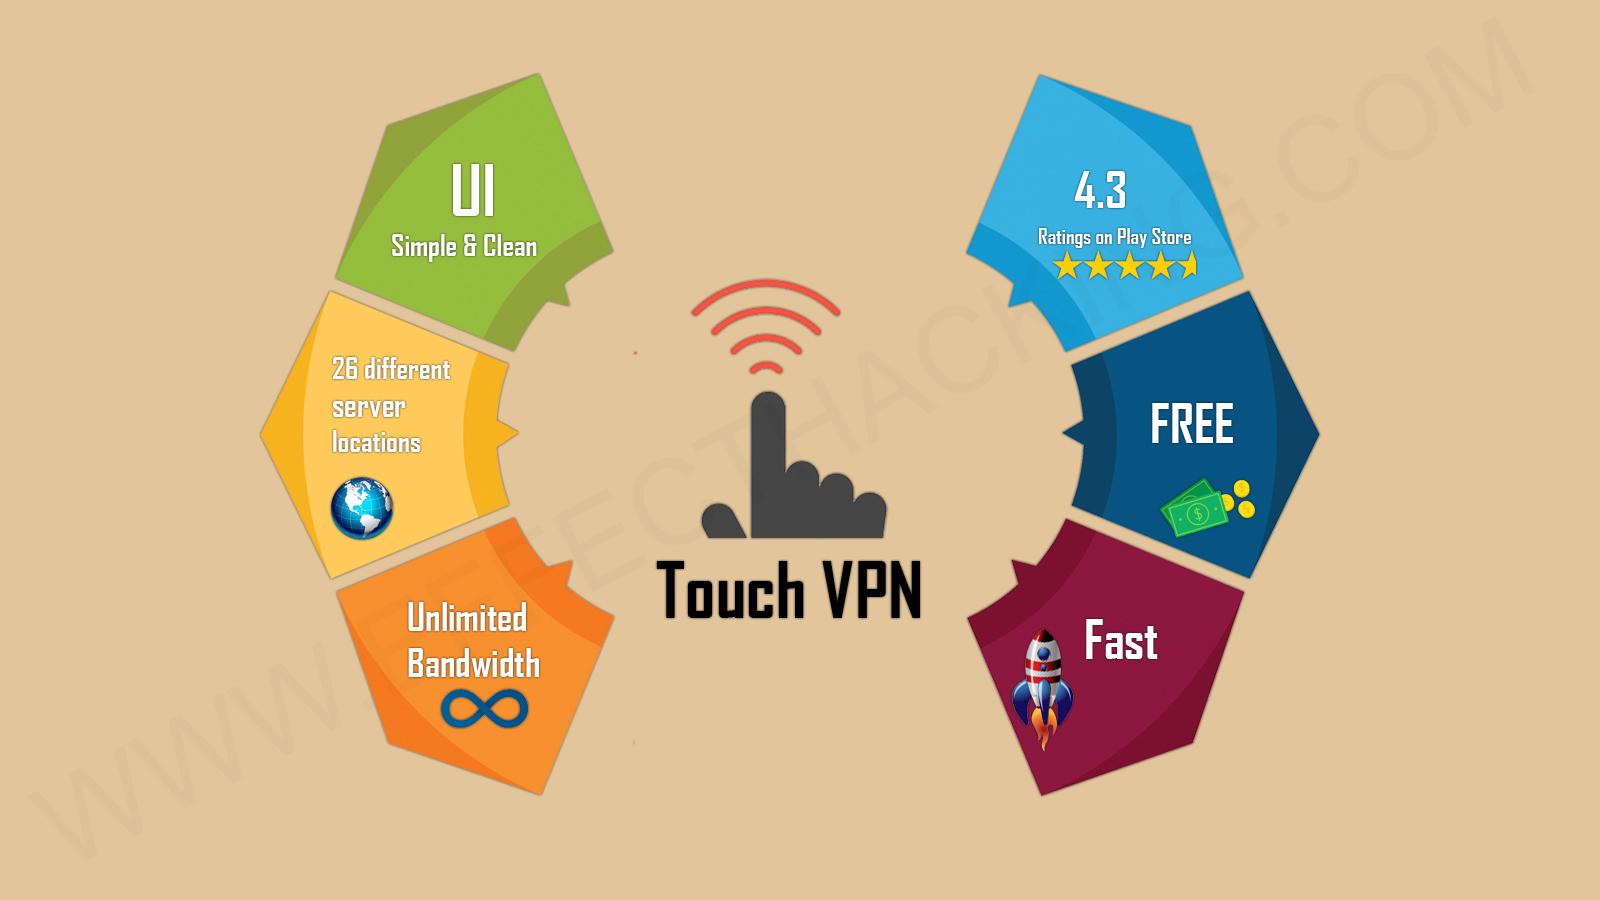 वीपीएन-फ्री अनलिमिटेड वीपीएन प्रॉक्सी और वाईफाई प्राइवेसी इन्फोग्राफिक को टच करें